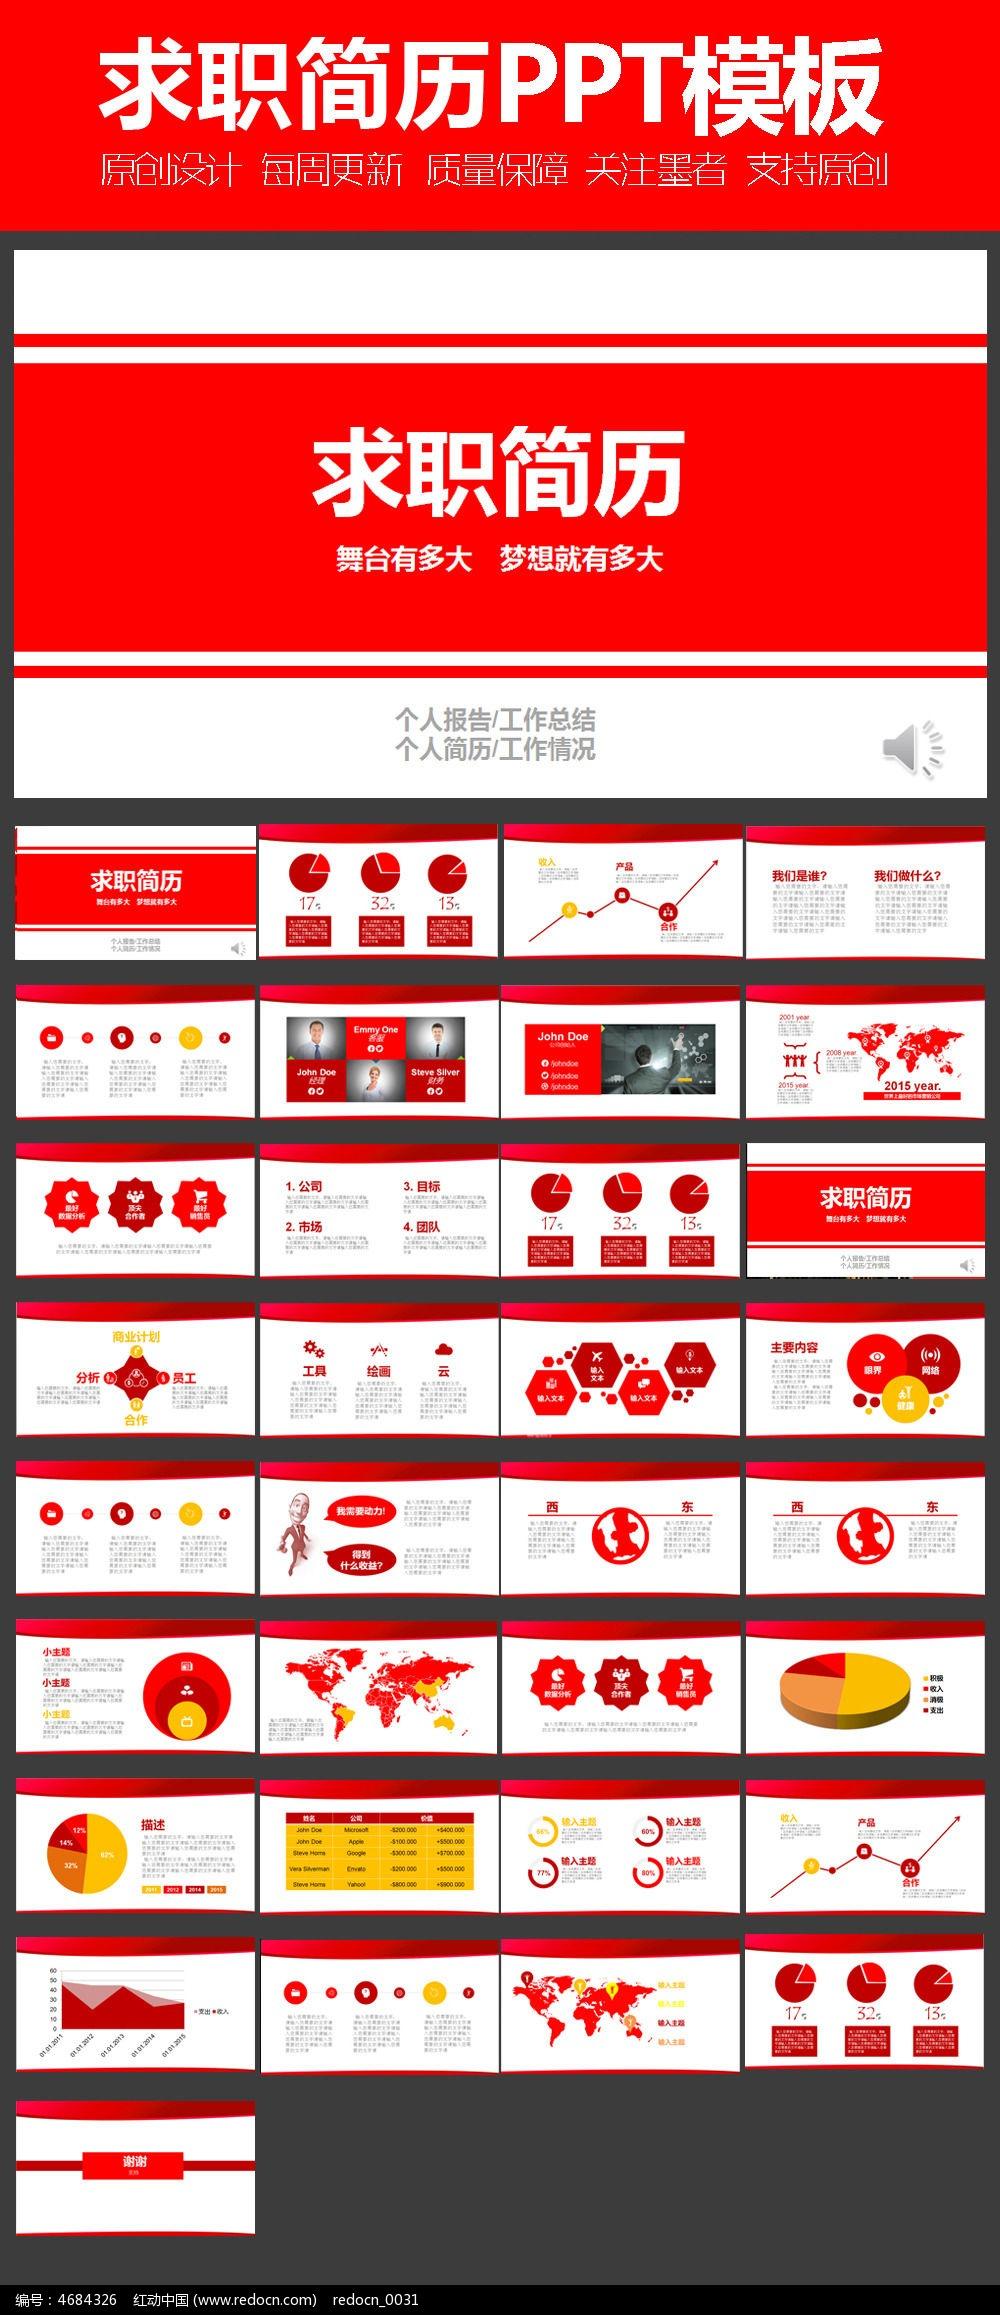 红色简约求职简历ppt模板设计